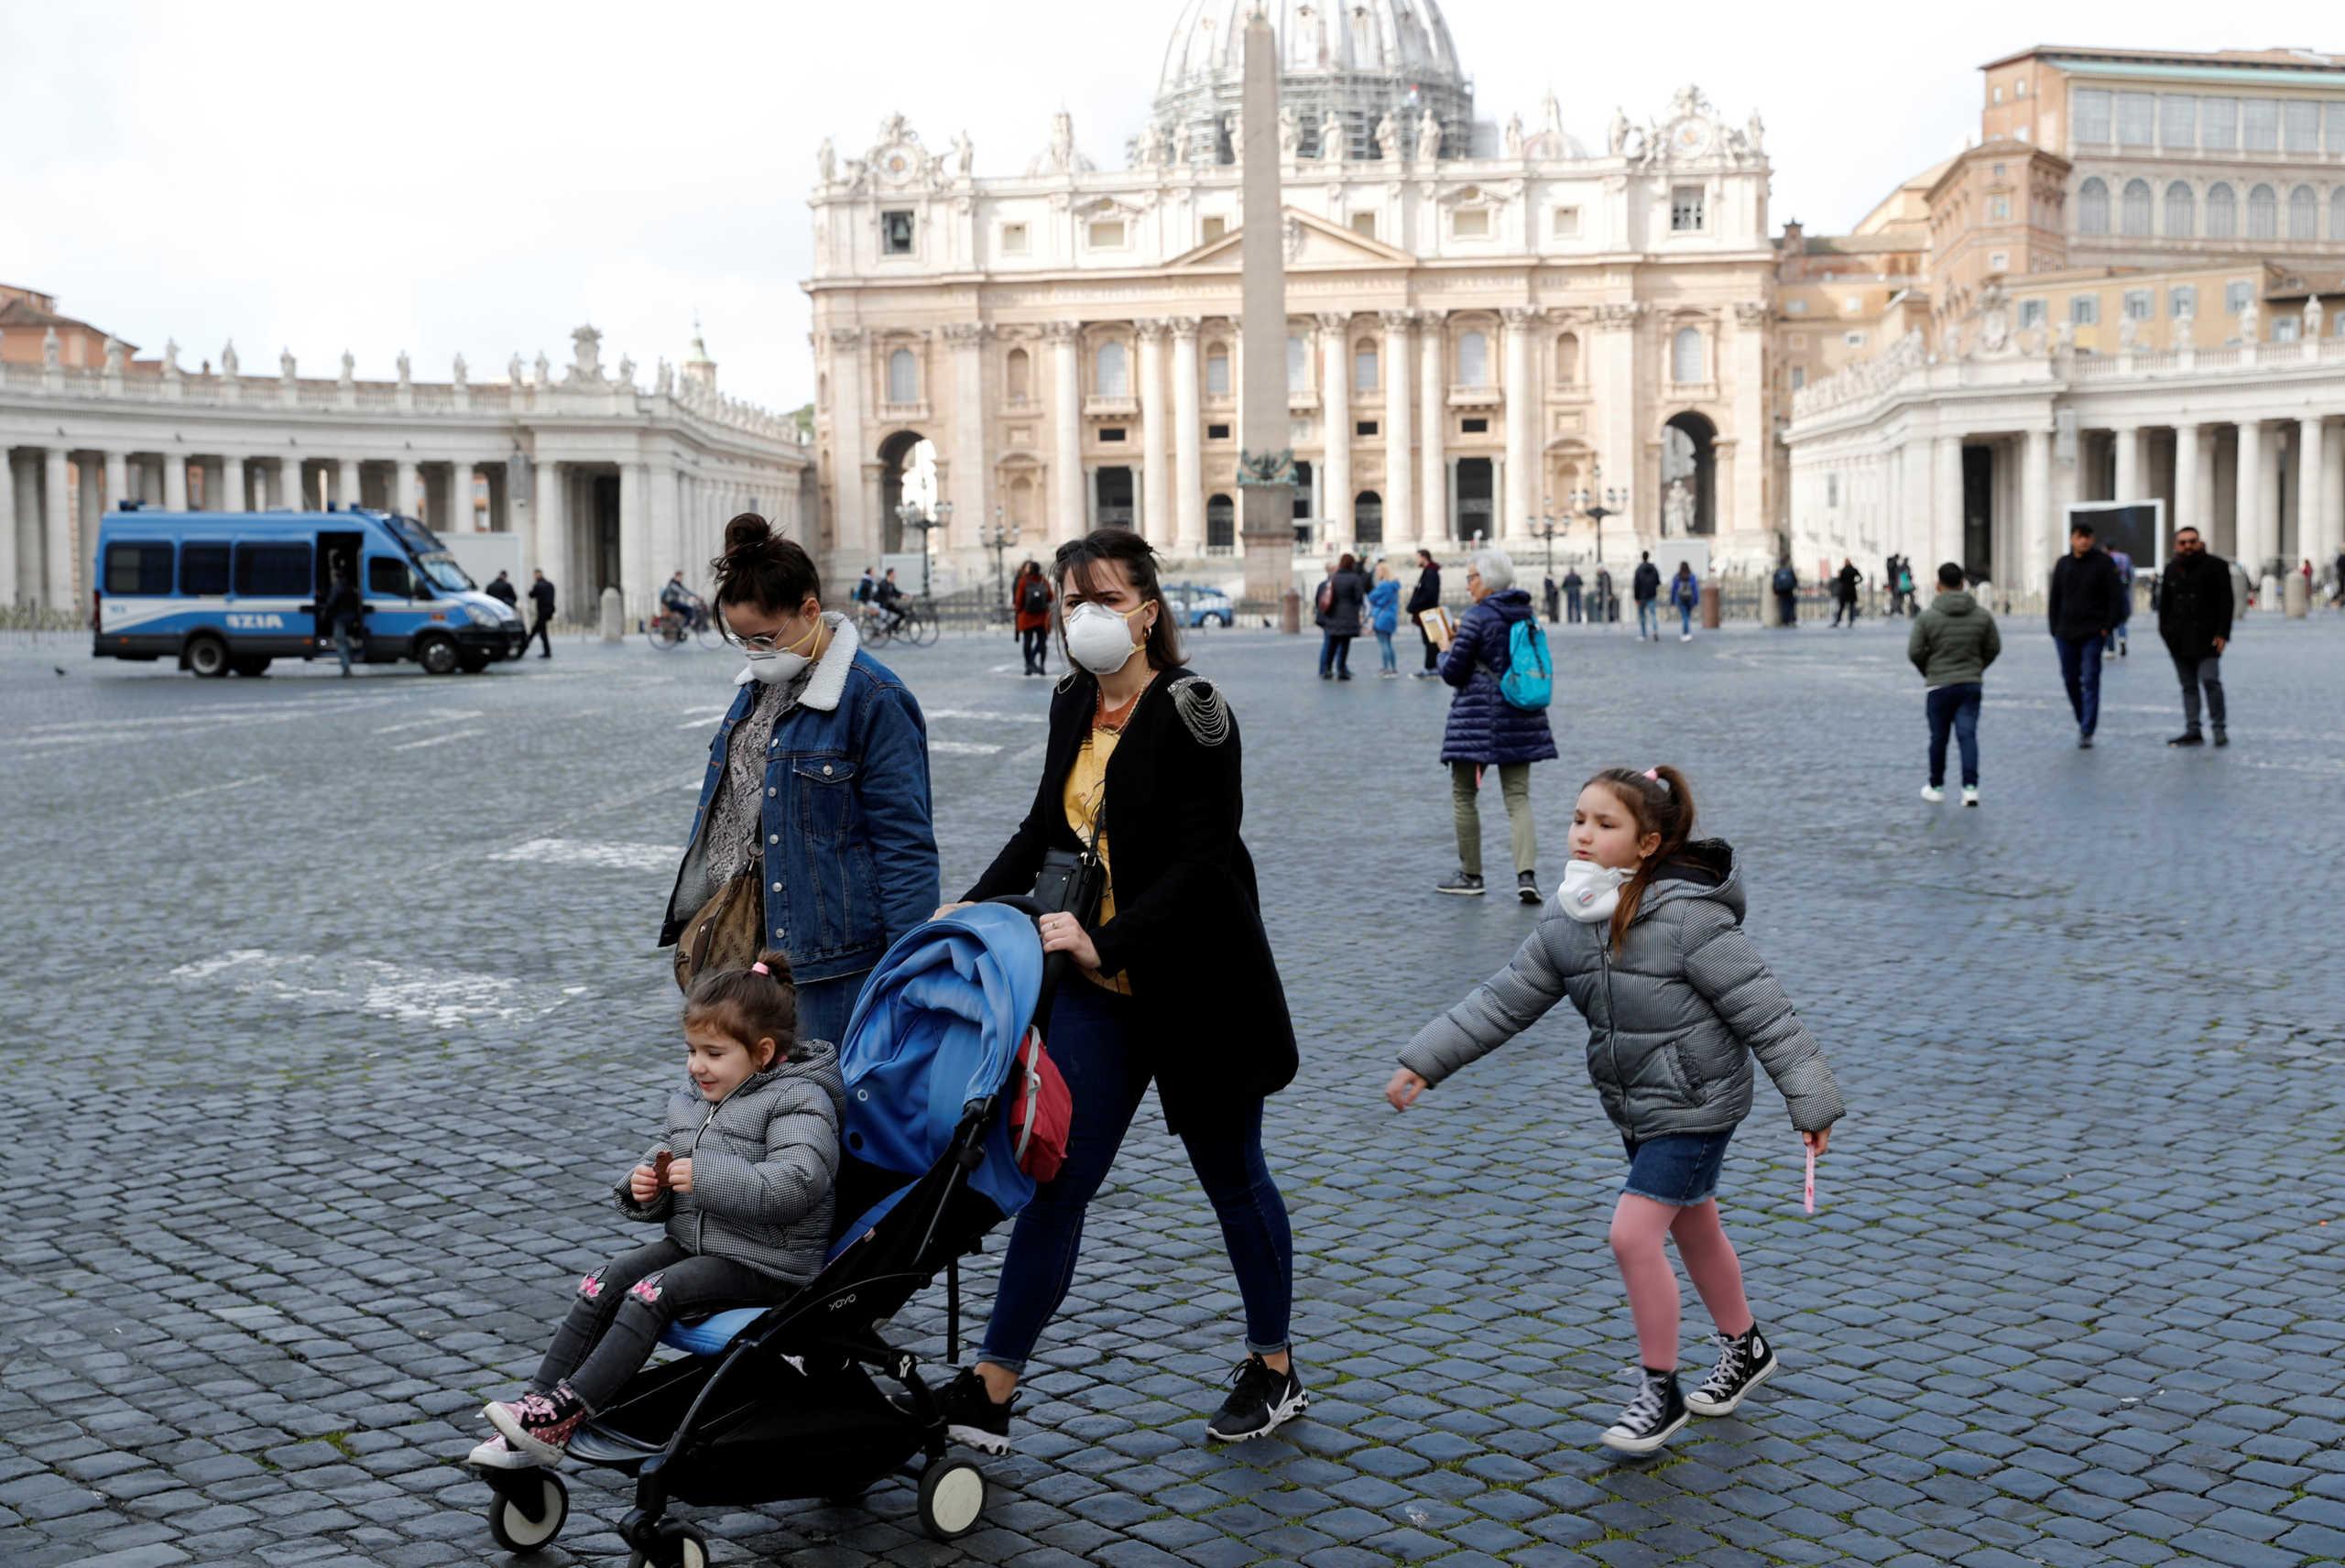 Ο κορονοϊός «έφτασε» στο Βατικανό! Πρώτο επιβεβαιωμένο κρούσμα